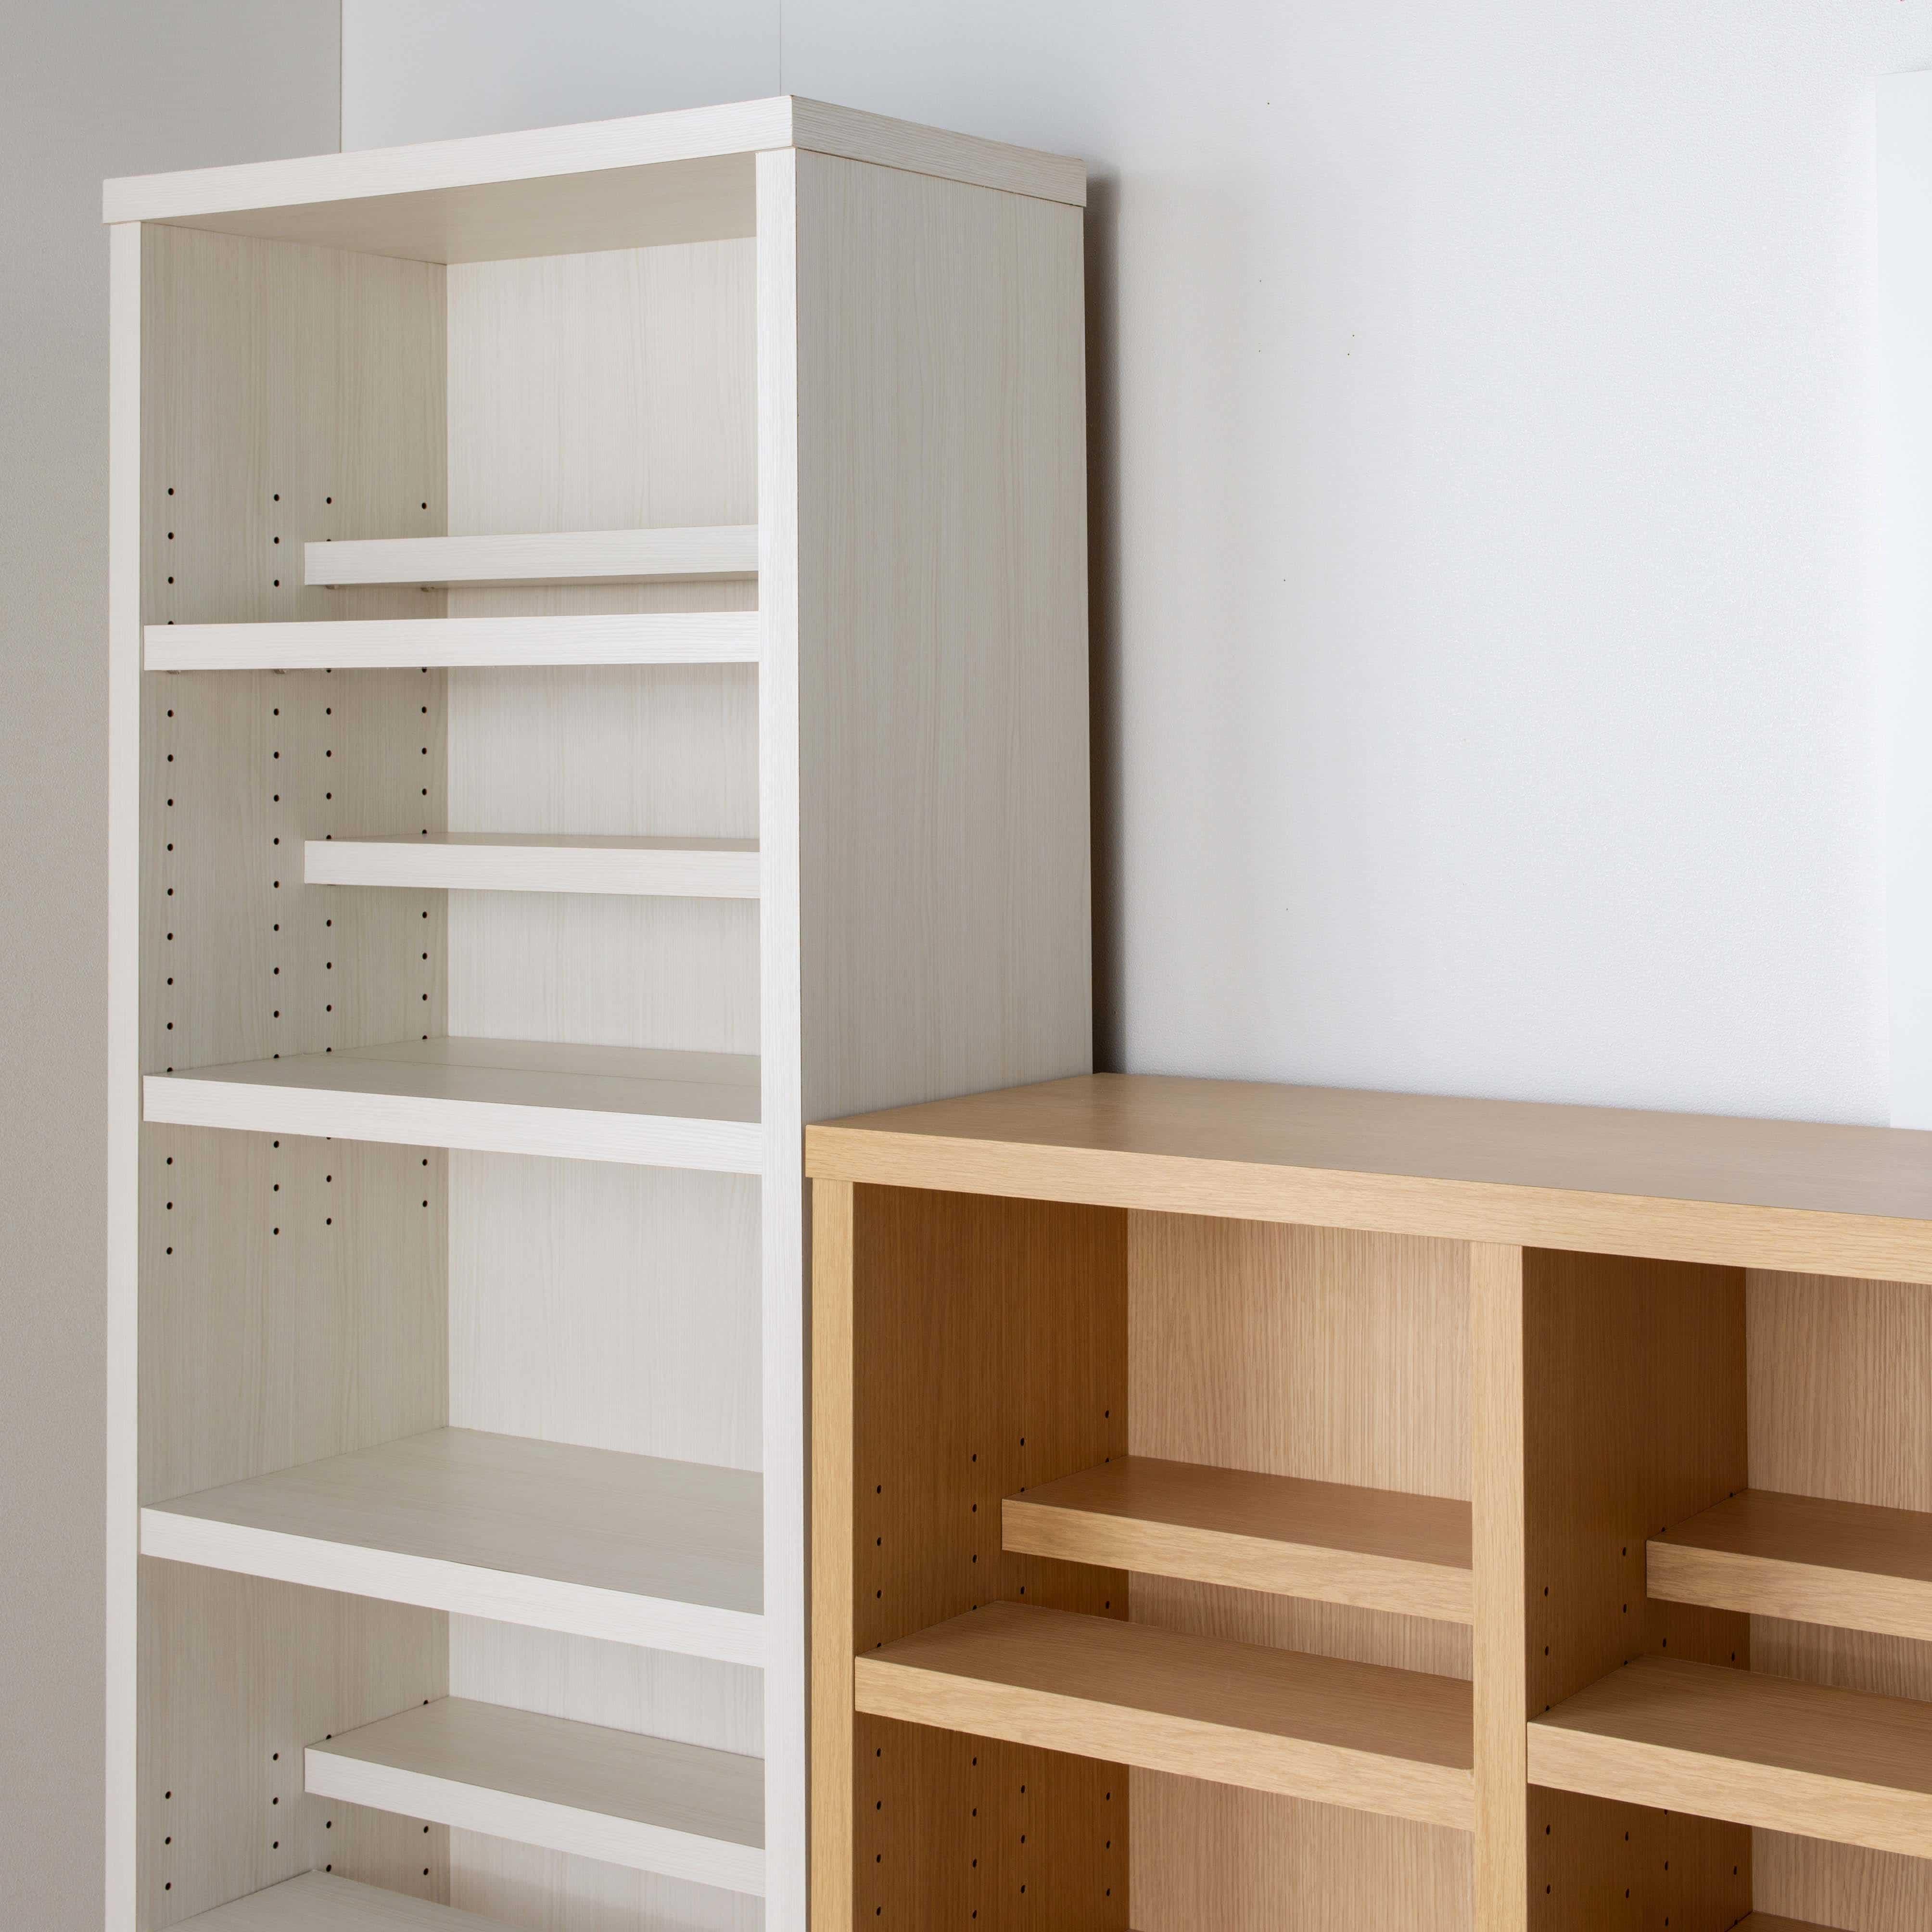 書棚 スカーラ 90Lフリーボード (ダークブラウン):ロータイプはサイドボードとしても使用可能